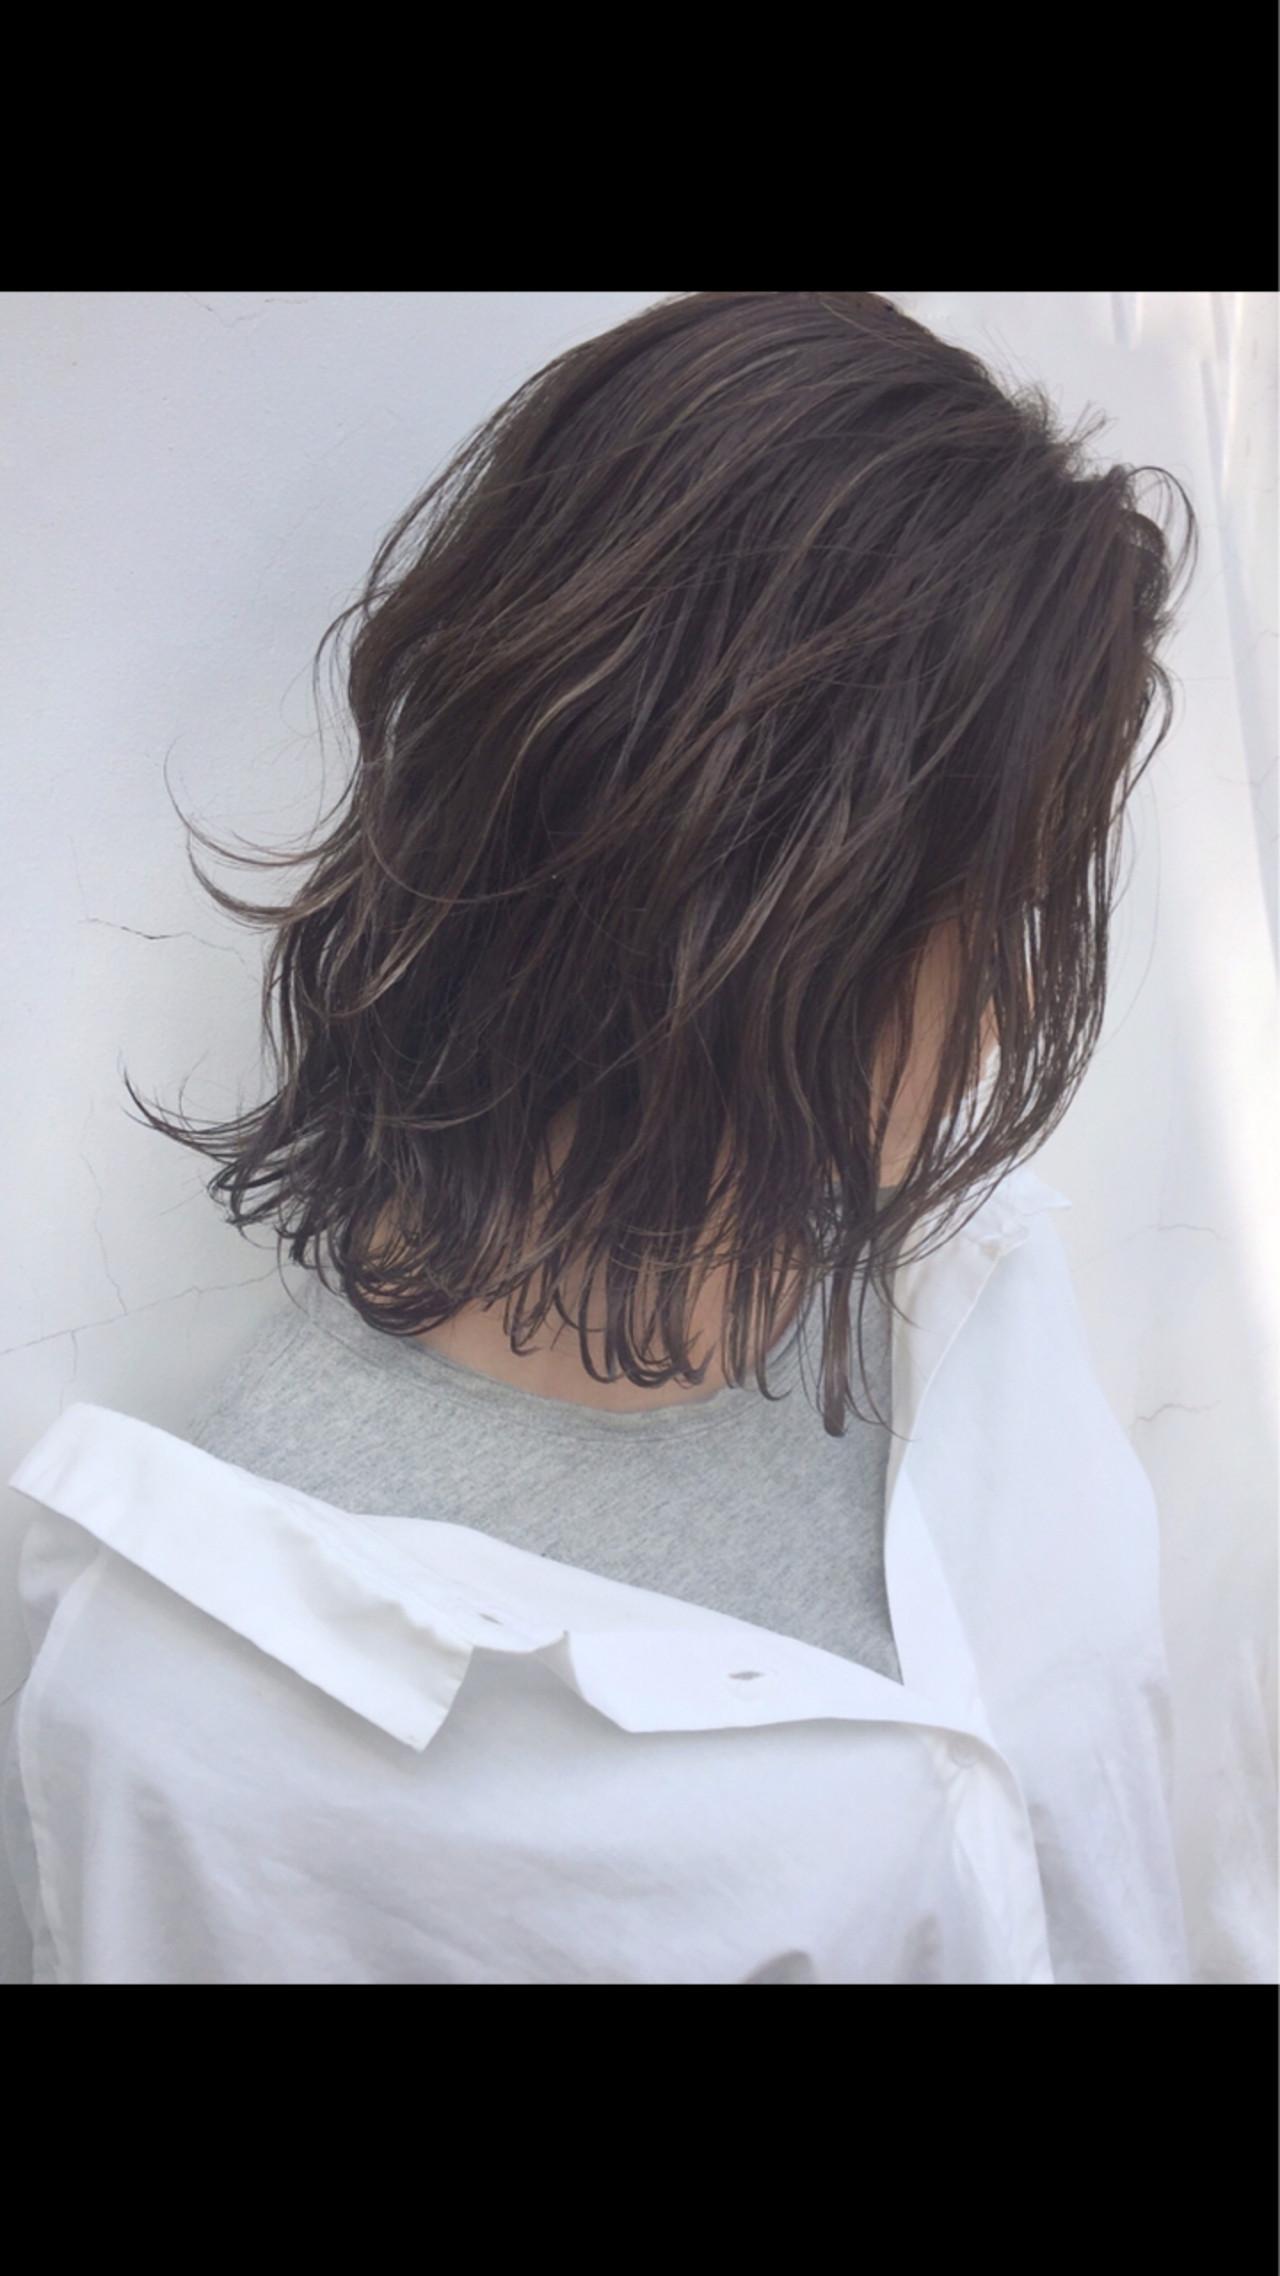 ボブ 外国人風 ロブ 透明感 ヘアスタイルや髪型の写真・画像